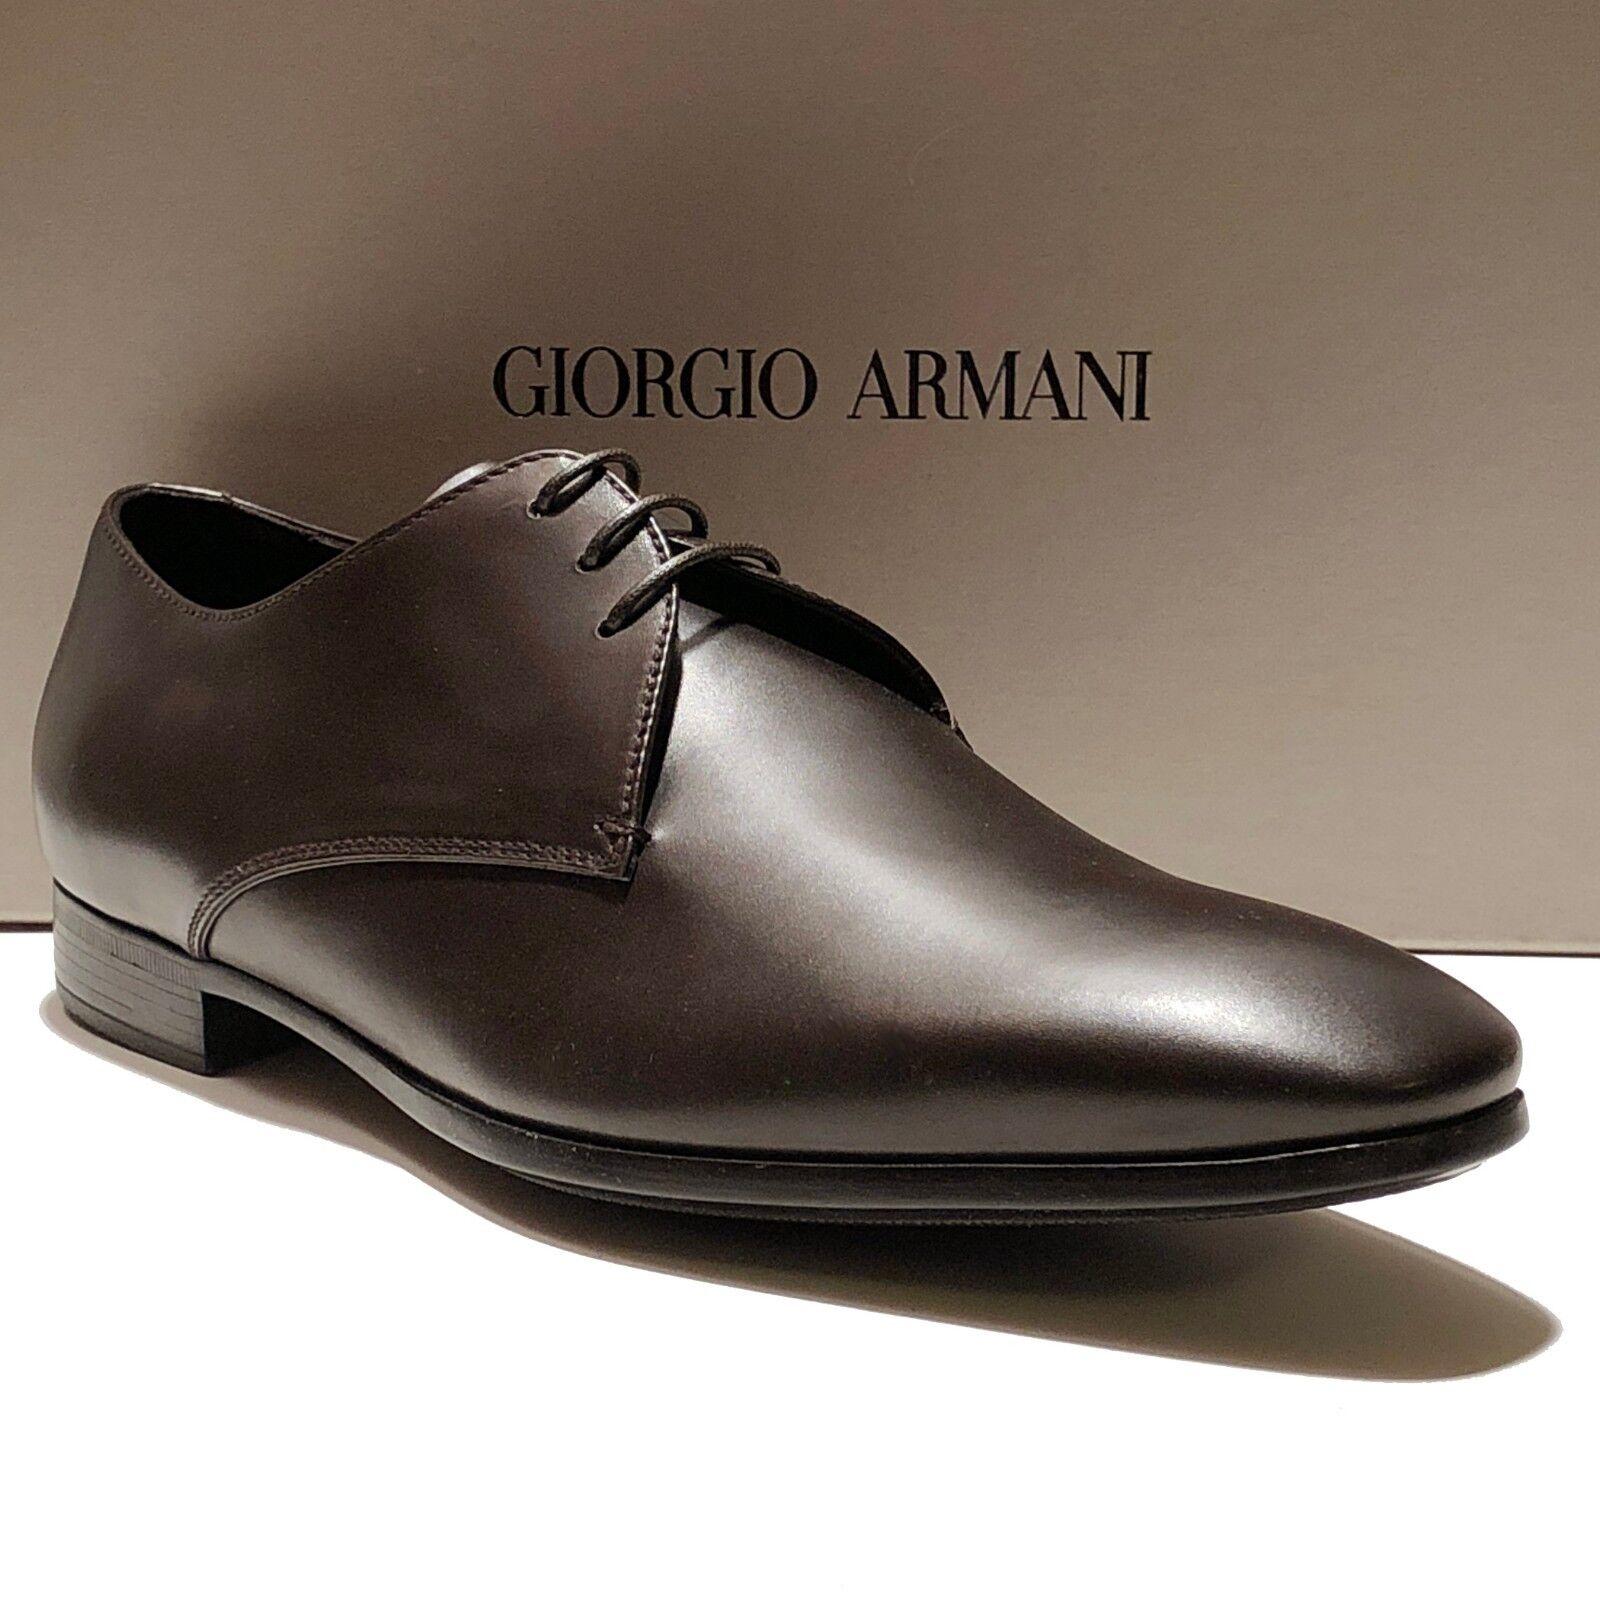 Giorgio Armani ITALY Marronee 10.5 43.5 Leather Formal Dress Oxford Men's scarpe